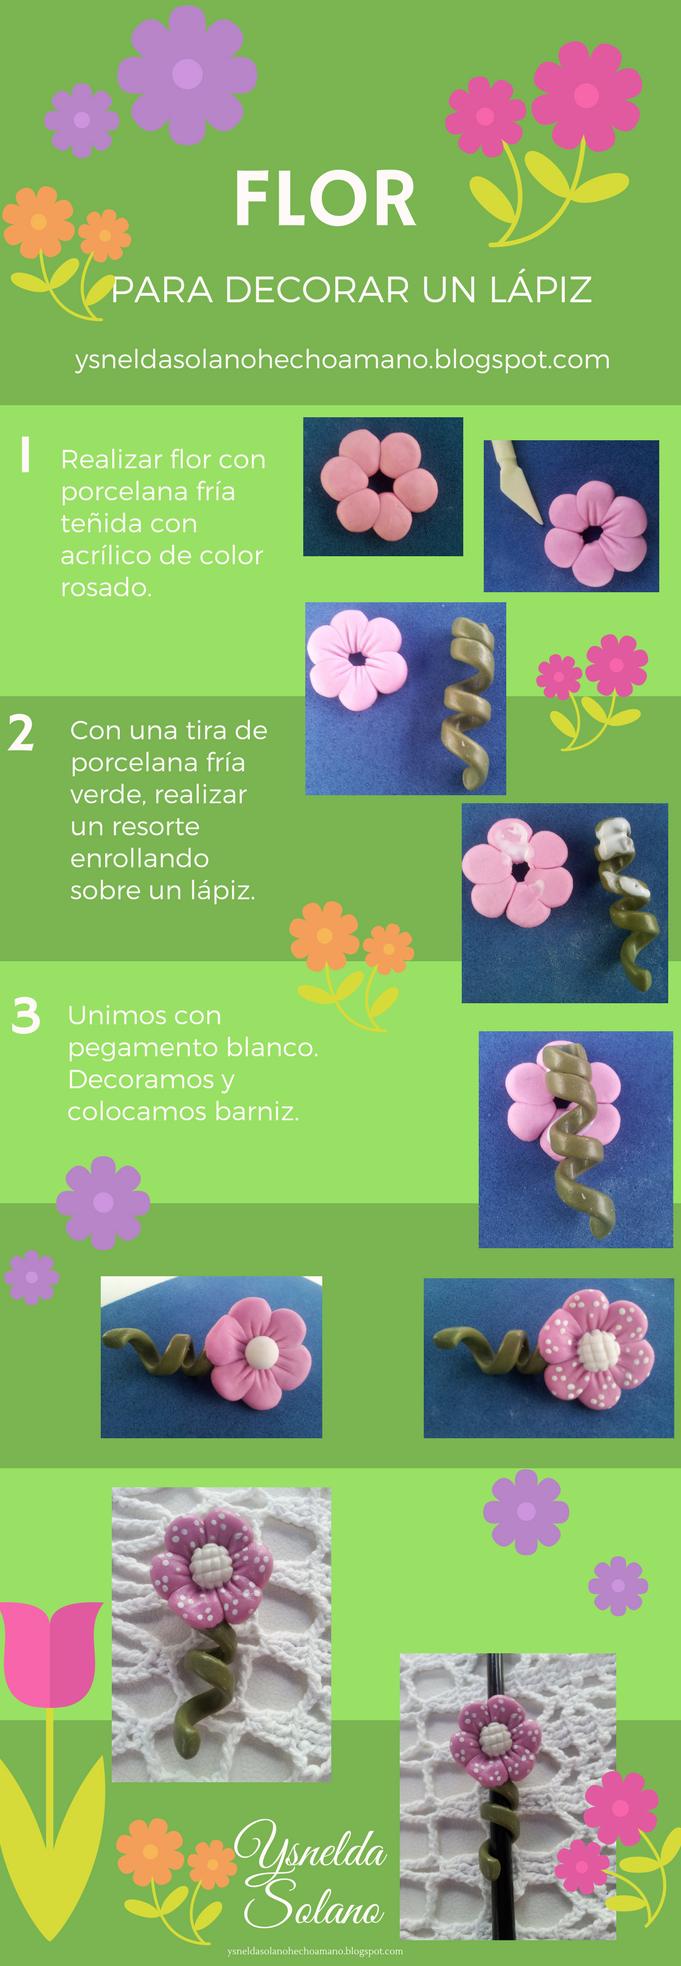 Ideas para decorar lápices con porcelana fría | Manualidades